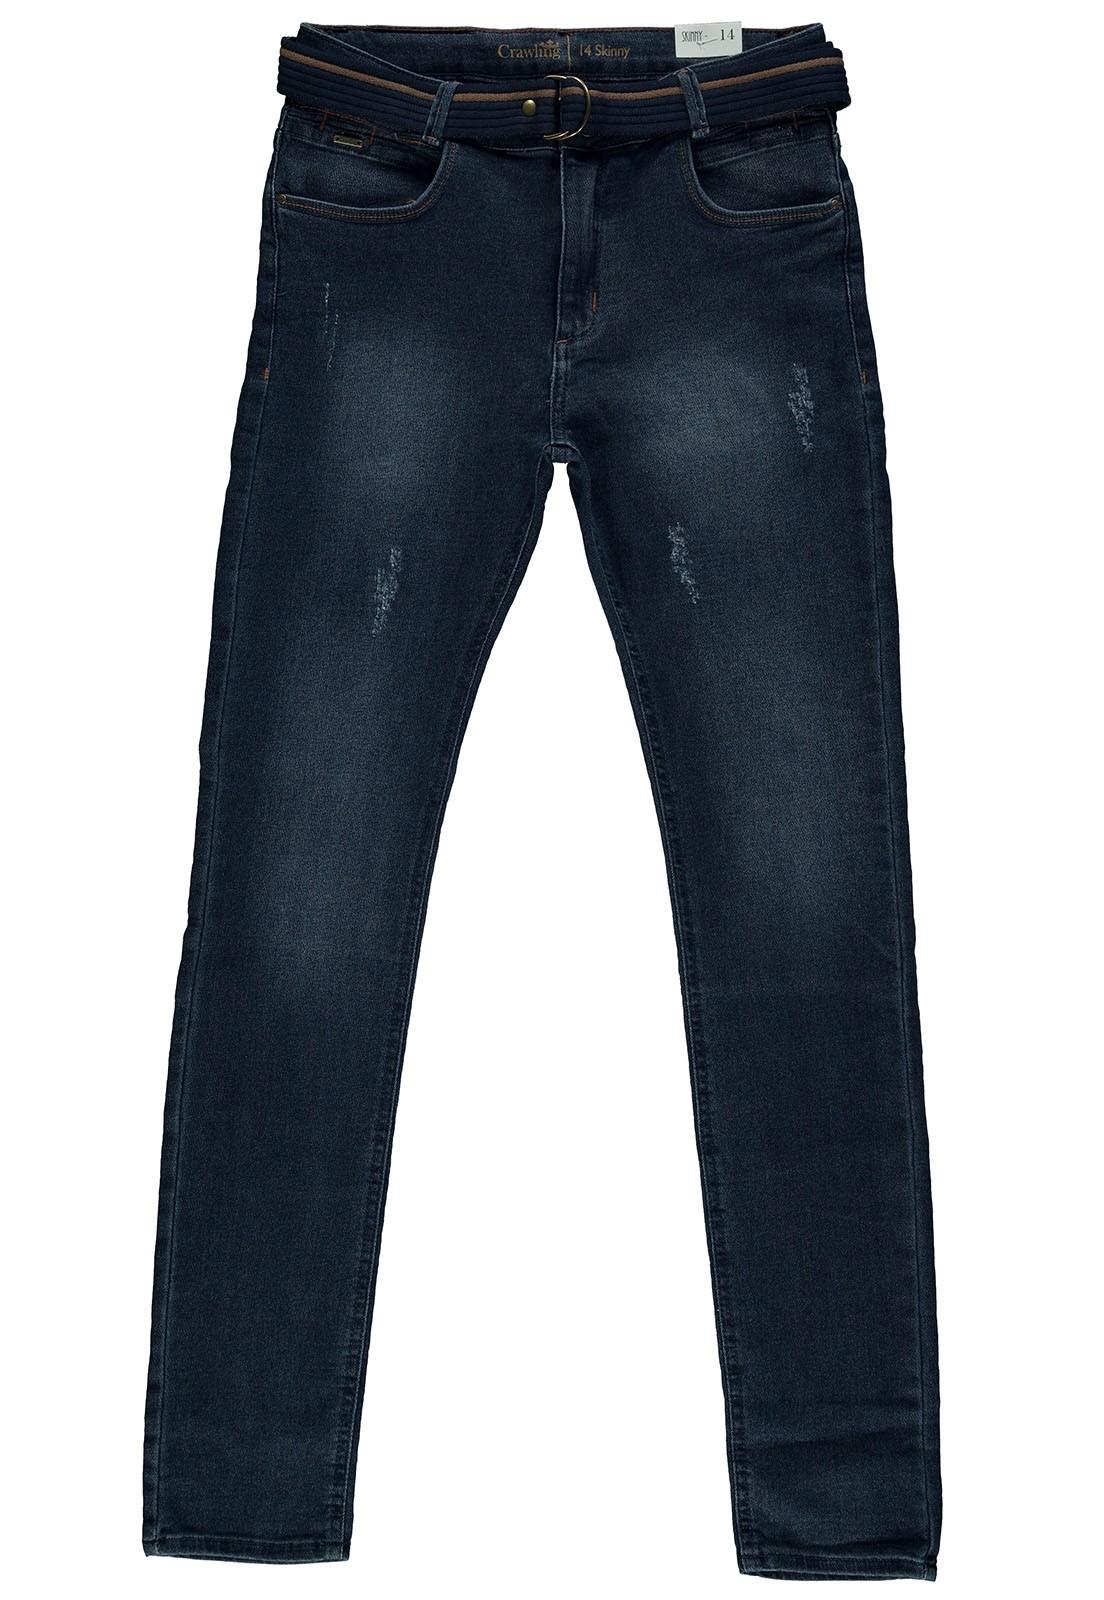 Calça Masculina Skinny com Cinto